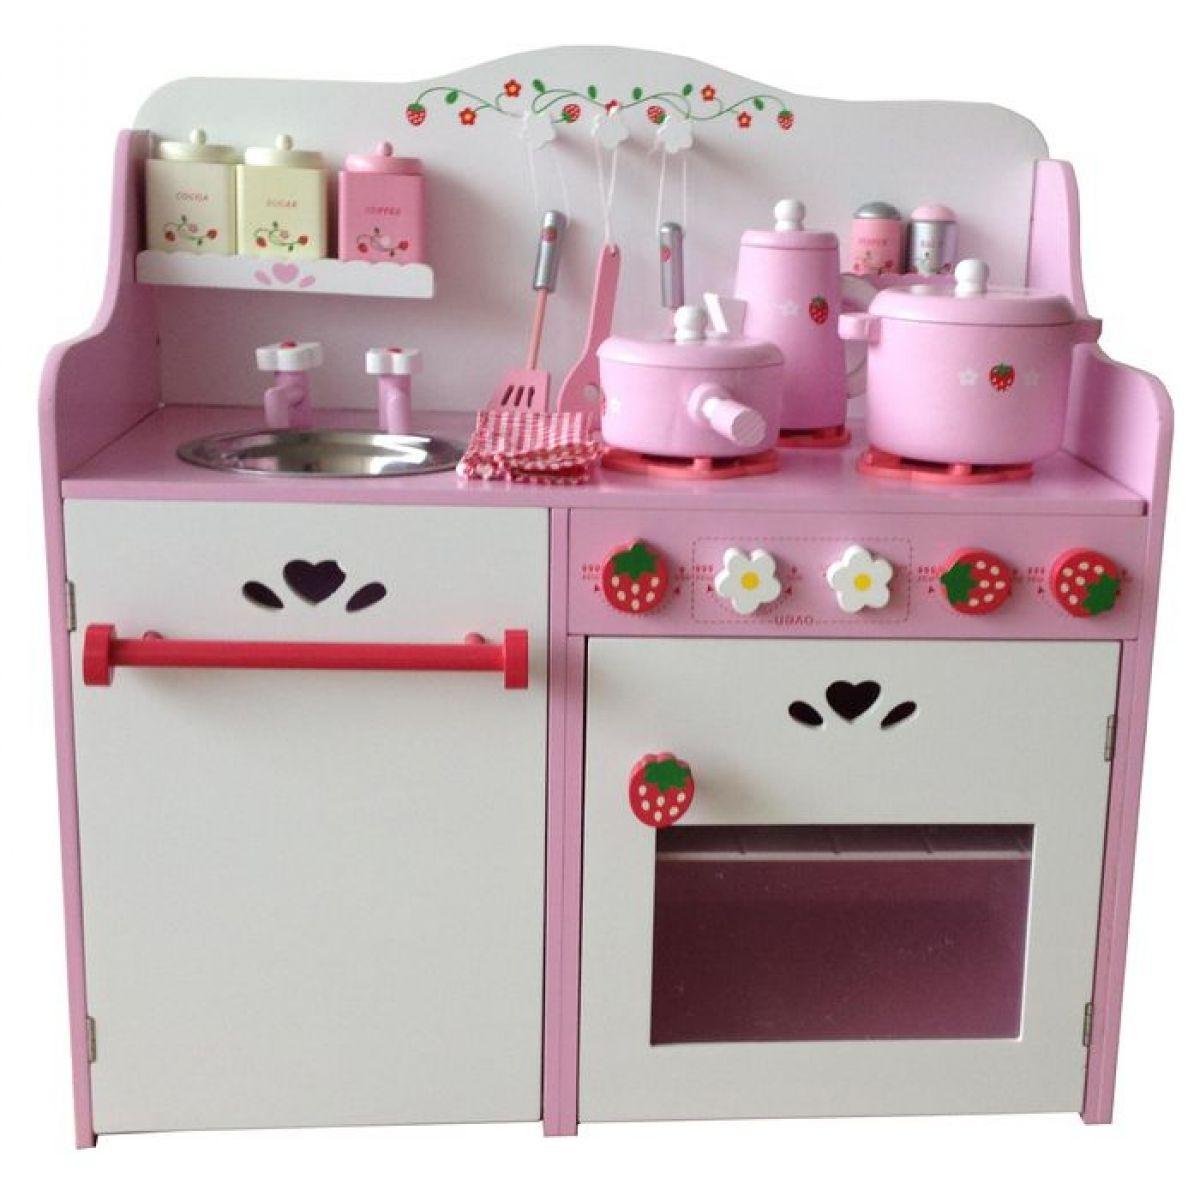 KidsHome Dětská kuchyňka s příslušenstvím 60 cm (02052)